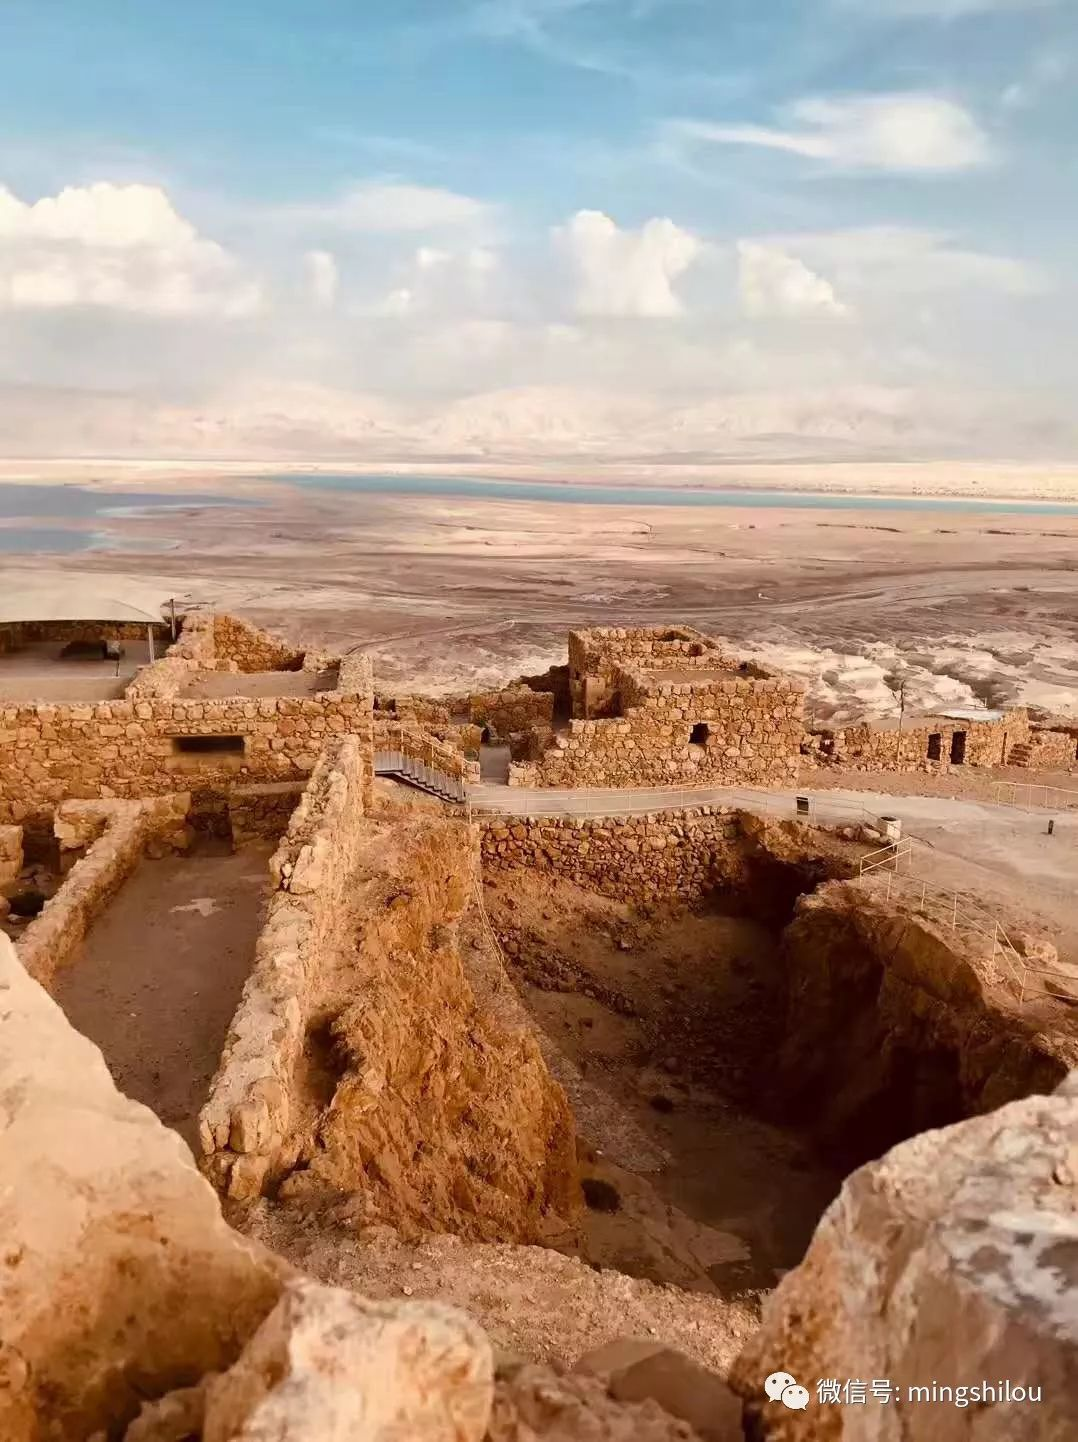 位于犹地亚沙漠与死海谷底交界处的一座岩石山顶.图片